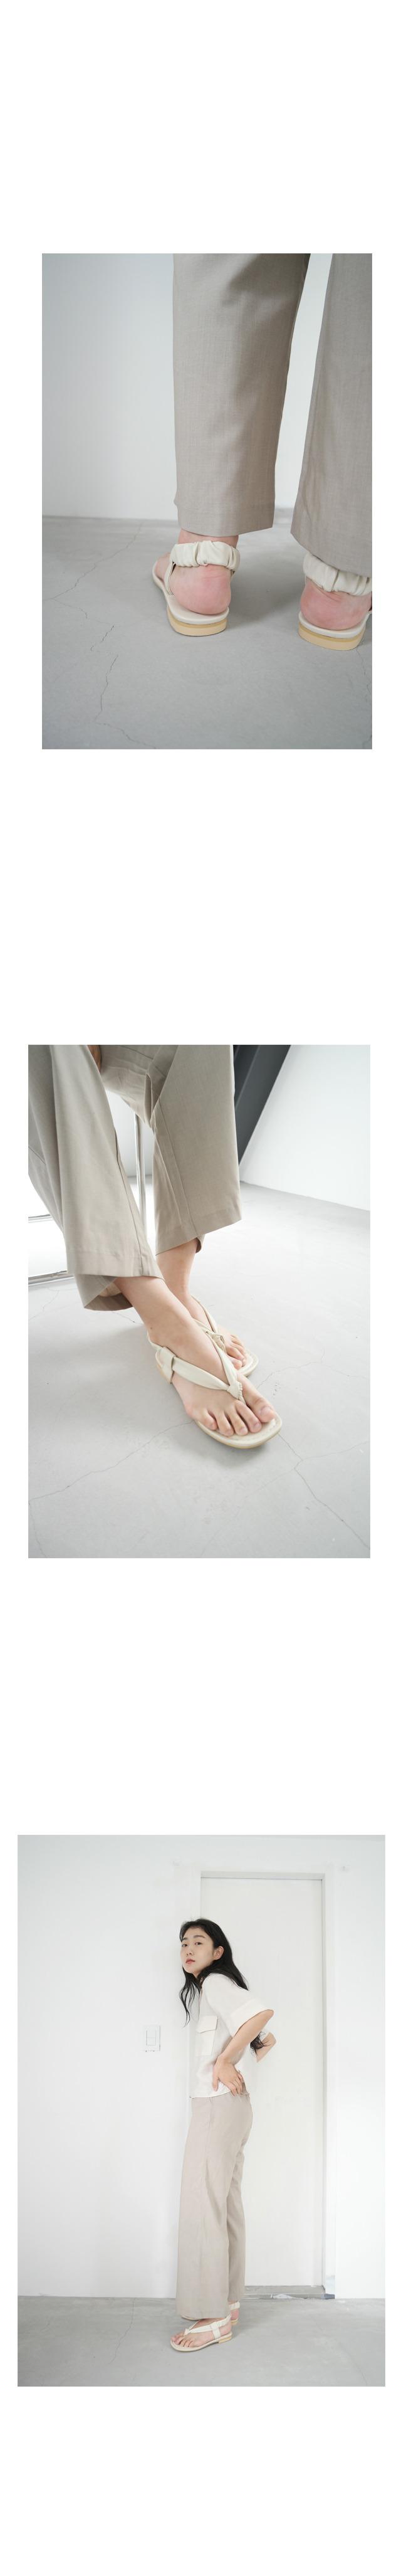 back banding sandals